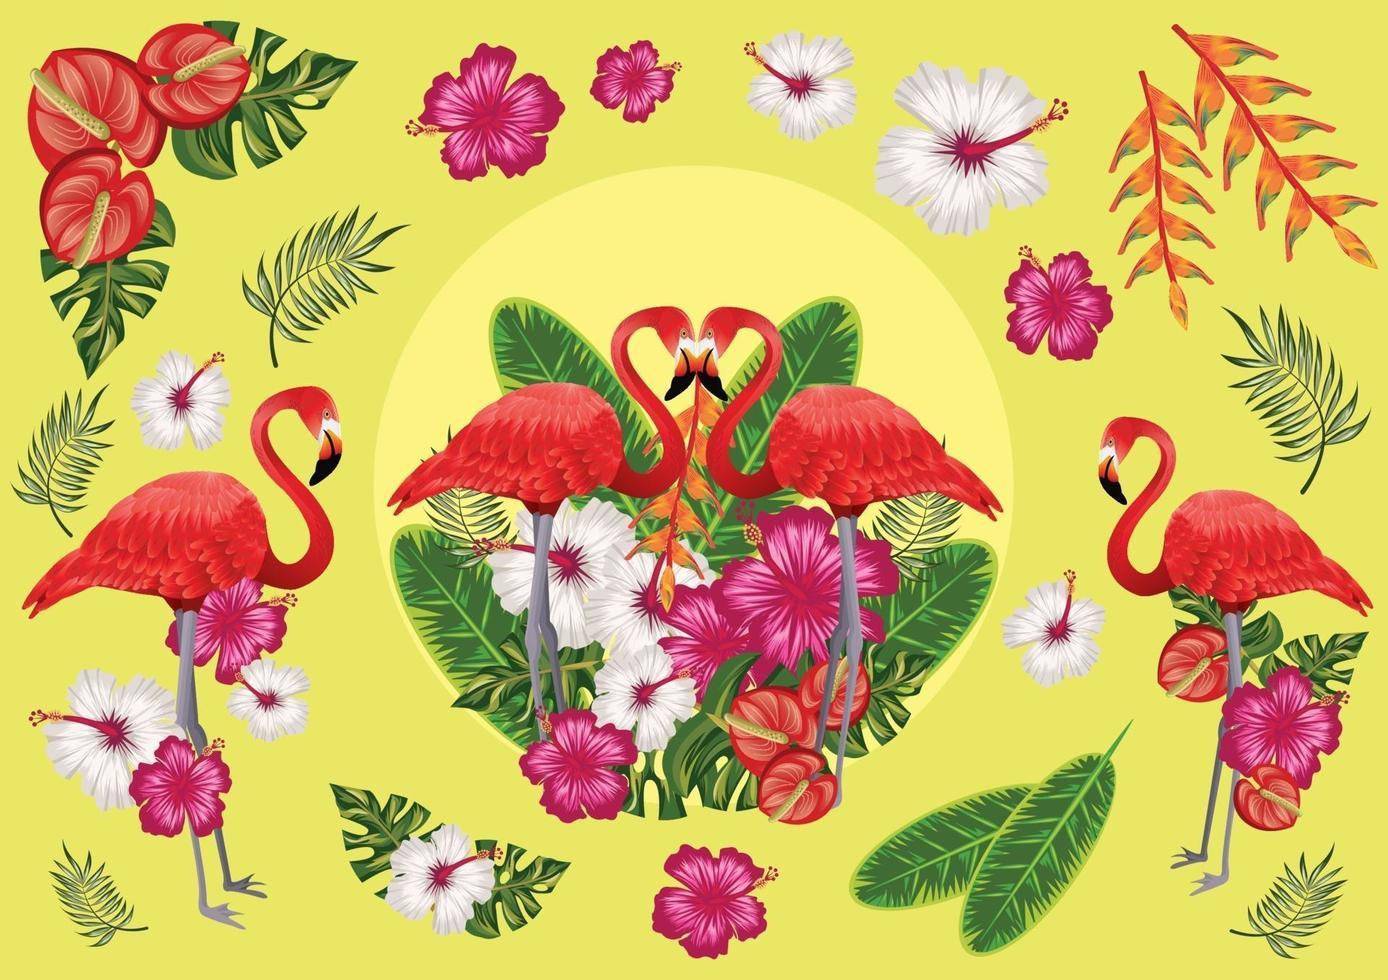 tropiska frukter och flamingor, solnedgångsstrand vektor